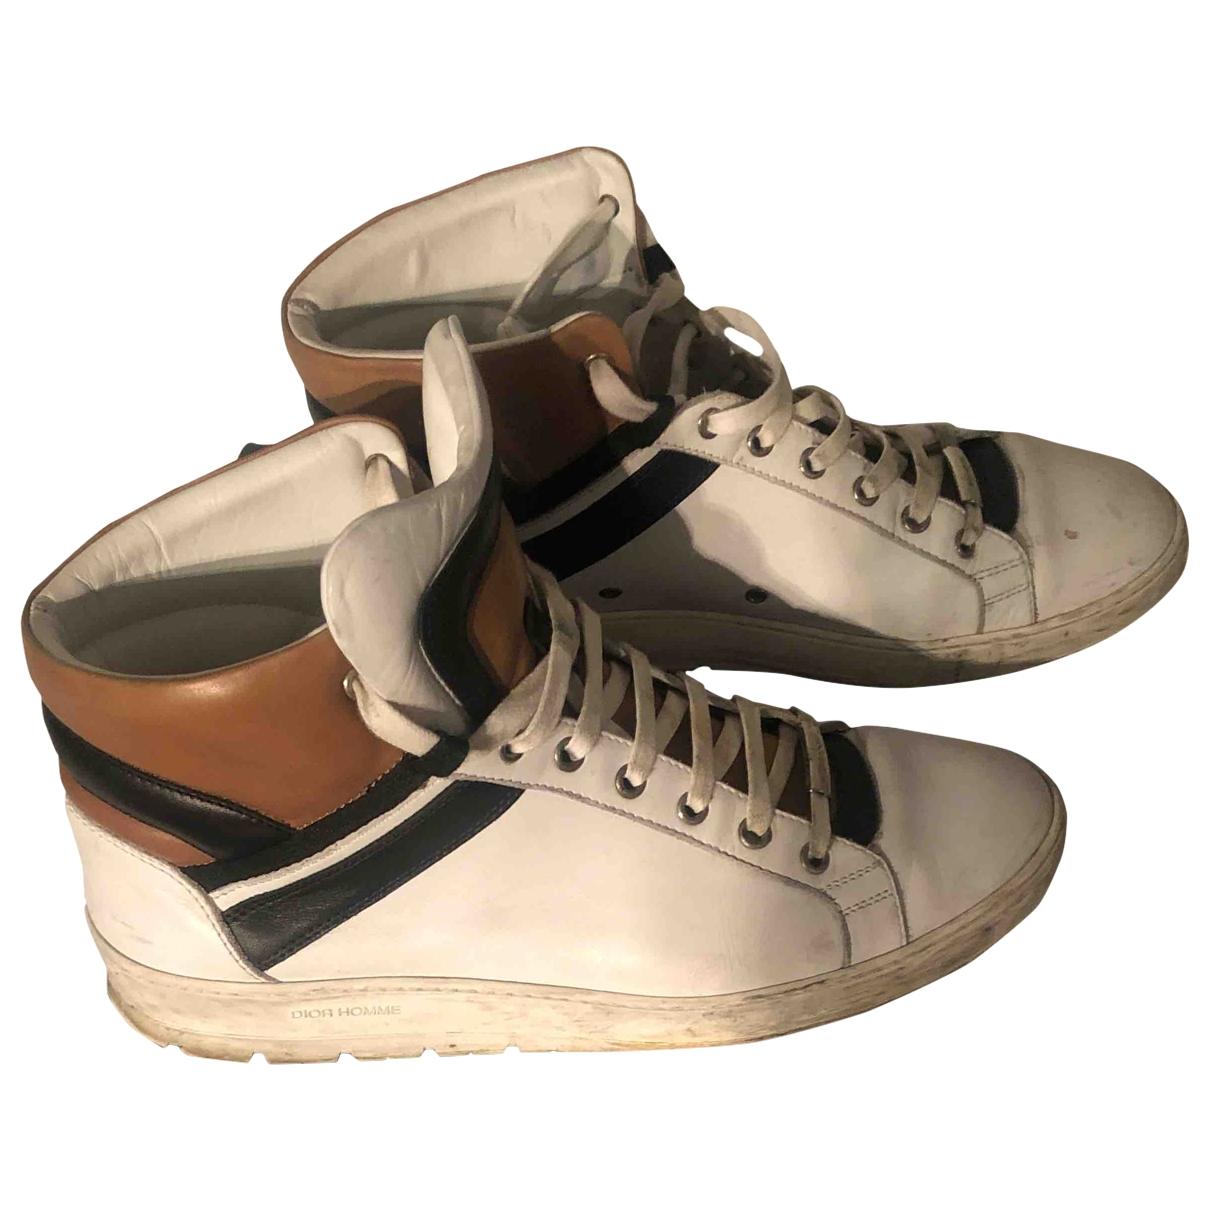 Dior Homme \N Sneakers in  Weiss Leder